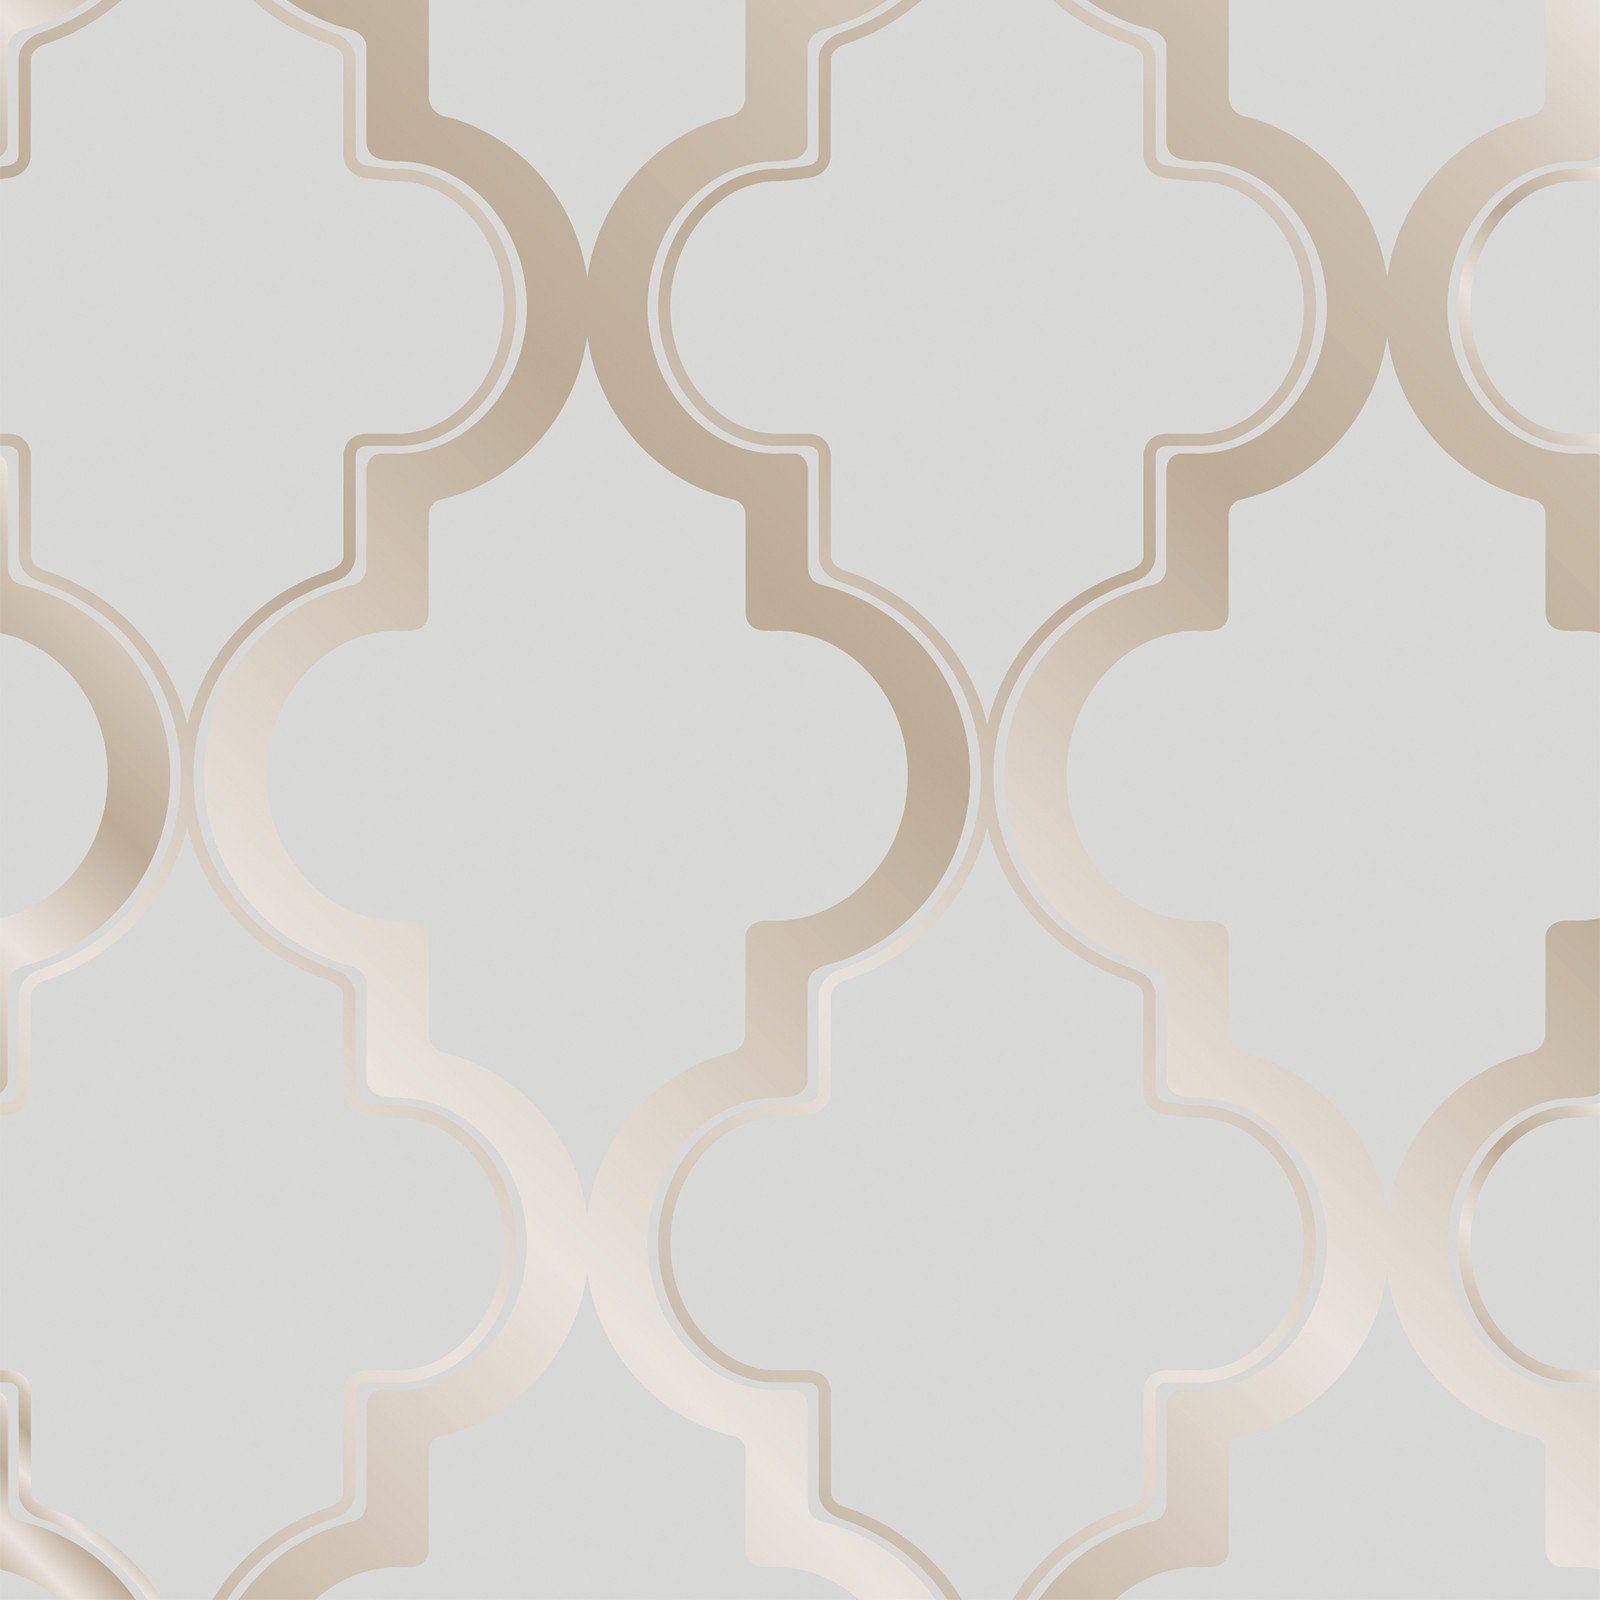 Marrakesh Self Adhesive Wallpaper In Bronze Grey Design By Tempaper